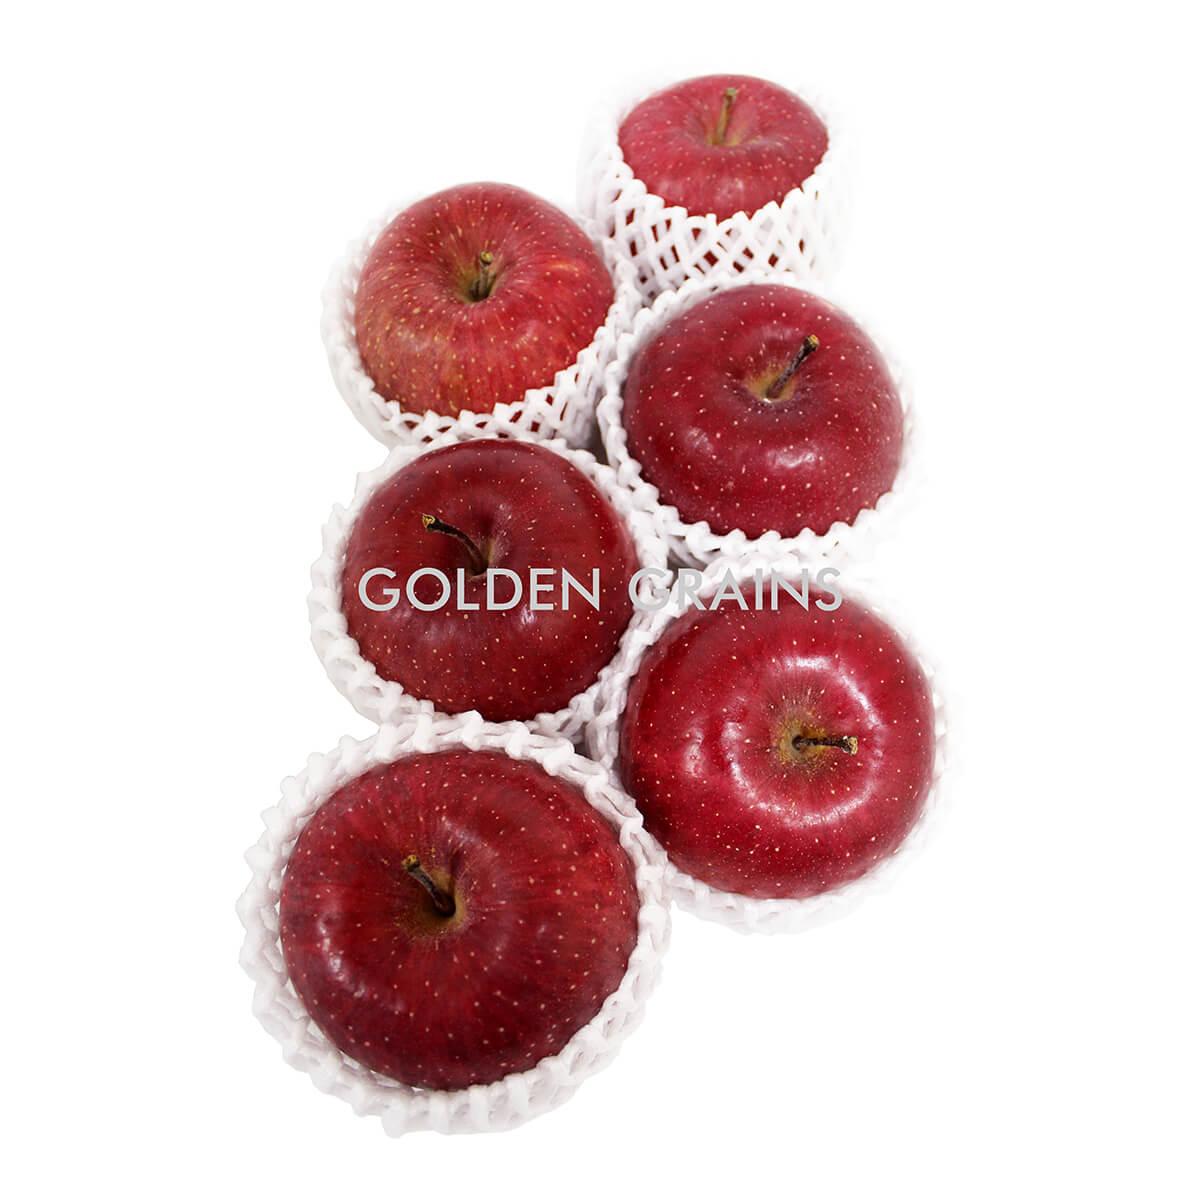 Golden Grains - Japan Fresh Fruits - Apples.jpg